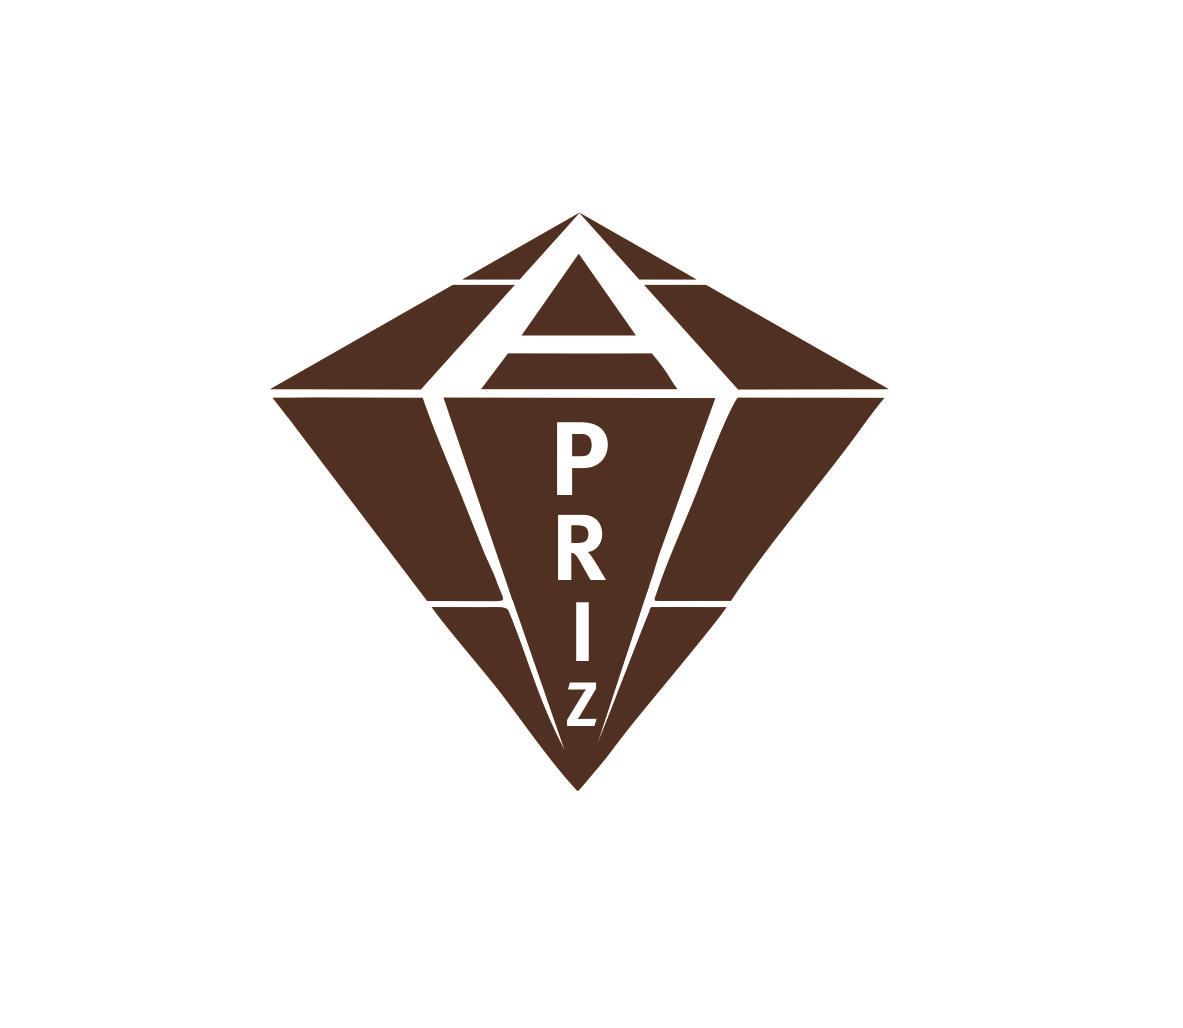 Разработка названия и логотипа для сети ювелирных салонов фото f_7175a0b9c4c975a0.jpg